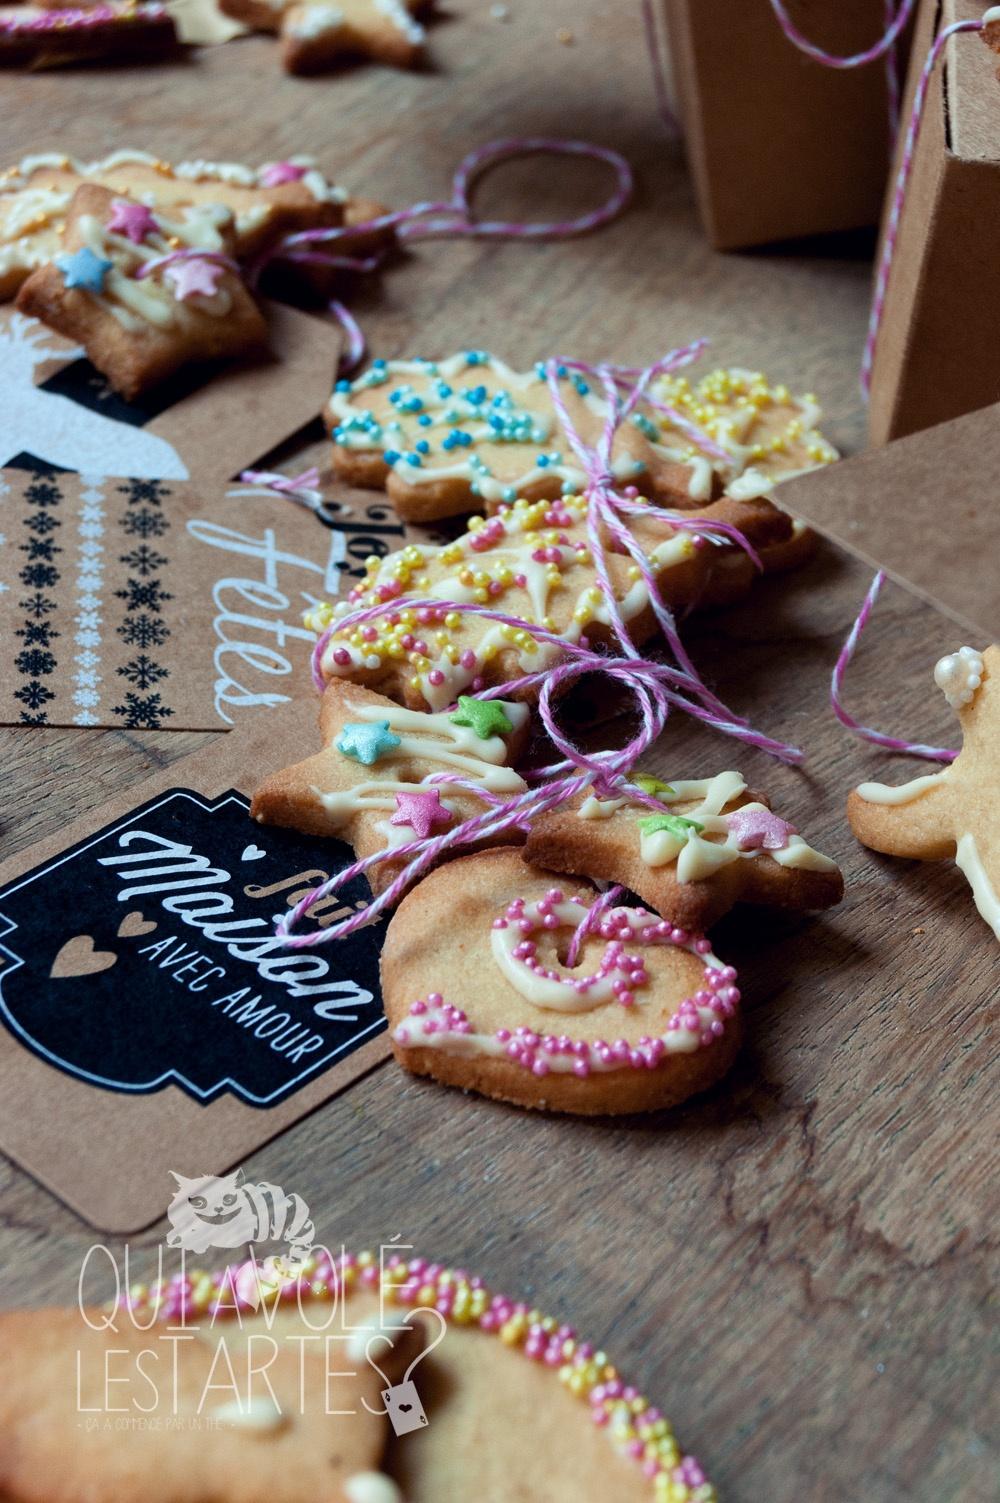 Cadeaux gourmands & couronne de Noel 5 - Studio 2 création - Qui a volé les tartes